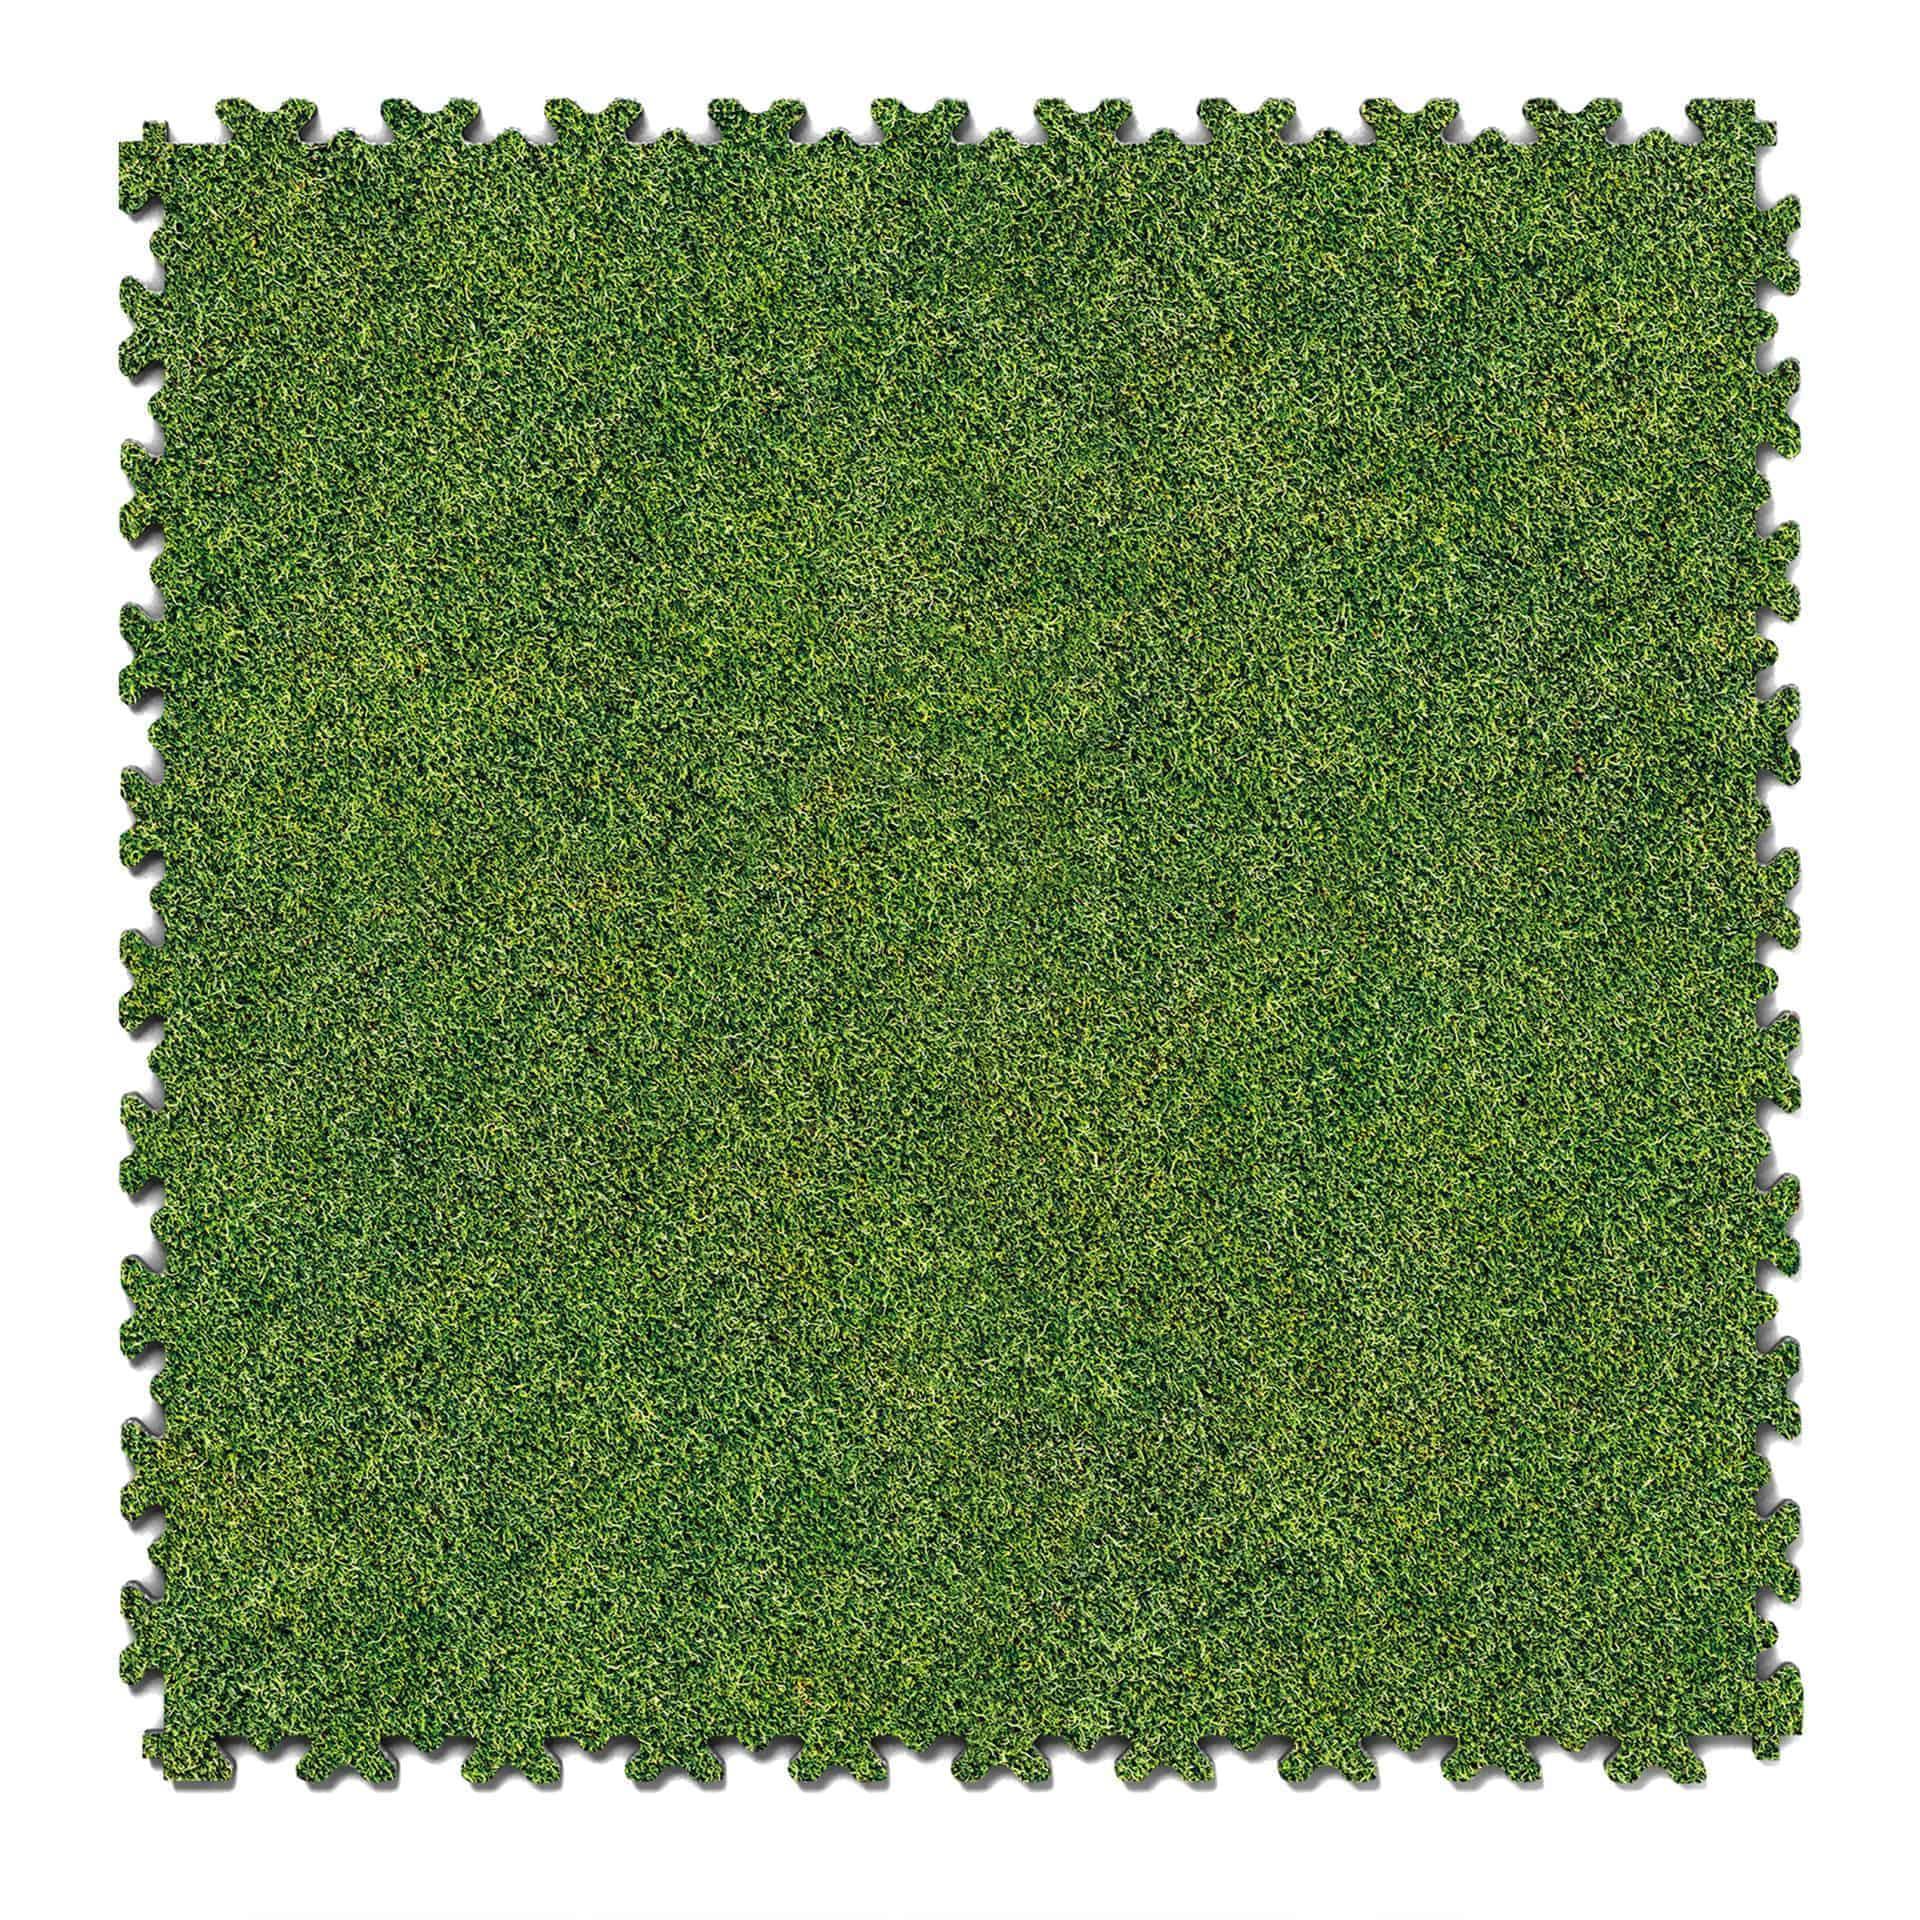 Grass prints